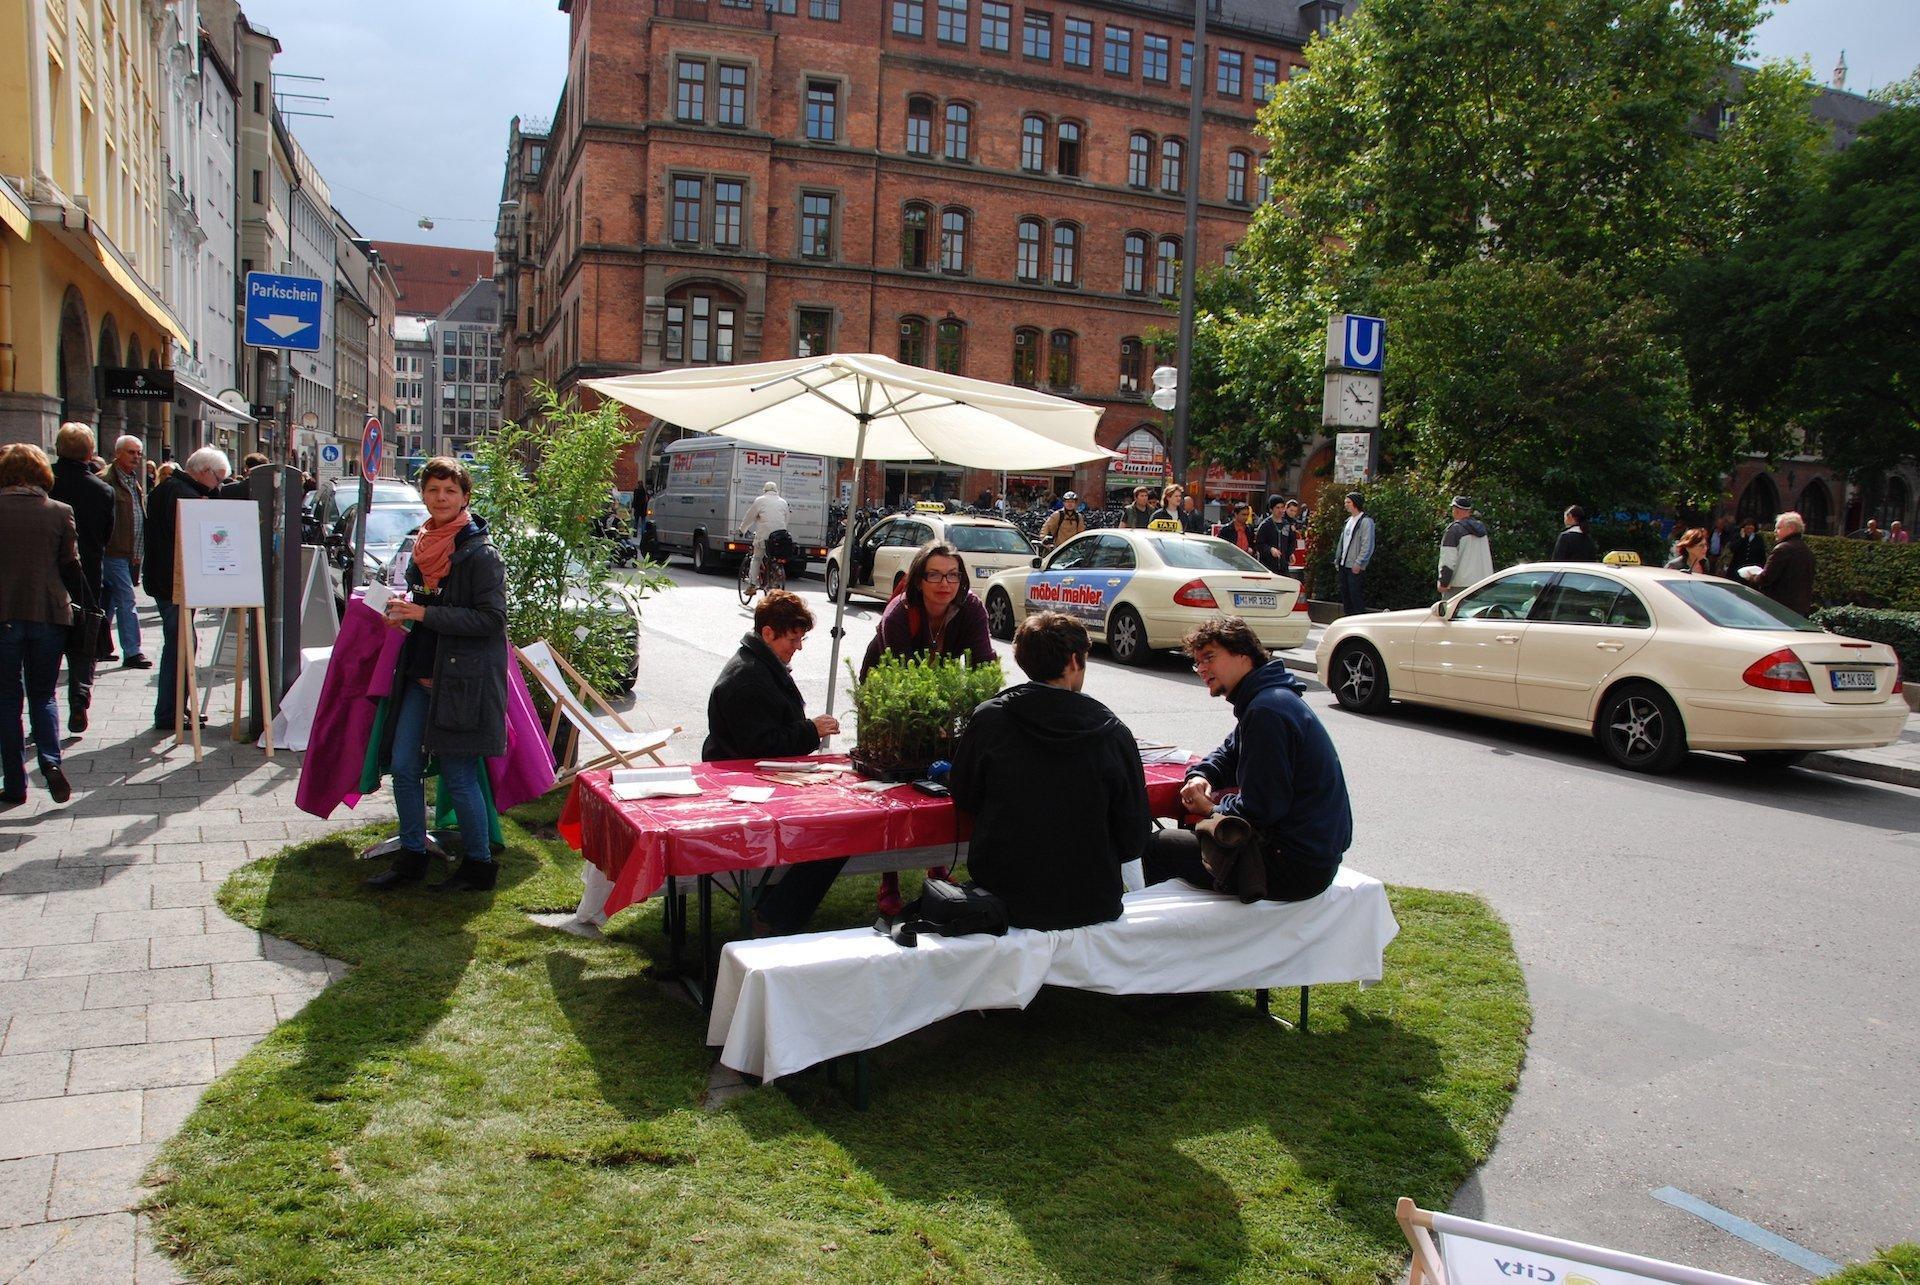 Die Aktivisten haben Rasen als Riesenherz zugeschnitten und eine Biergarnitur nebst Sonnenschirm aufgestellt